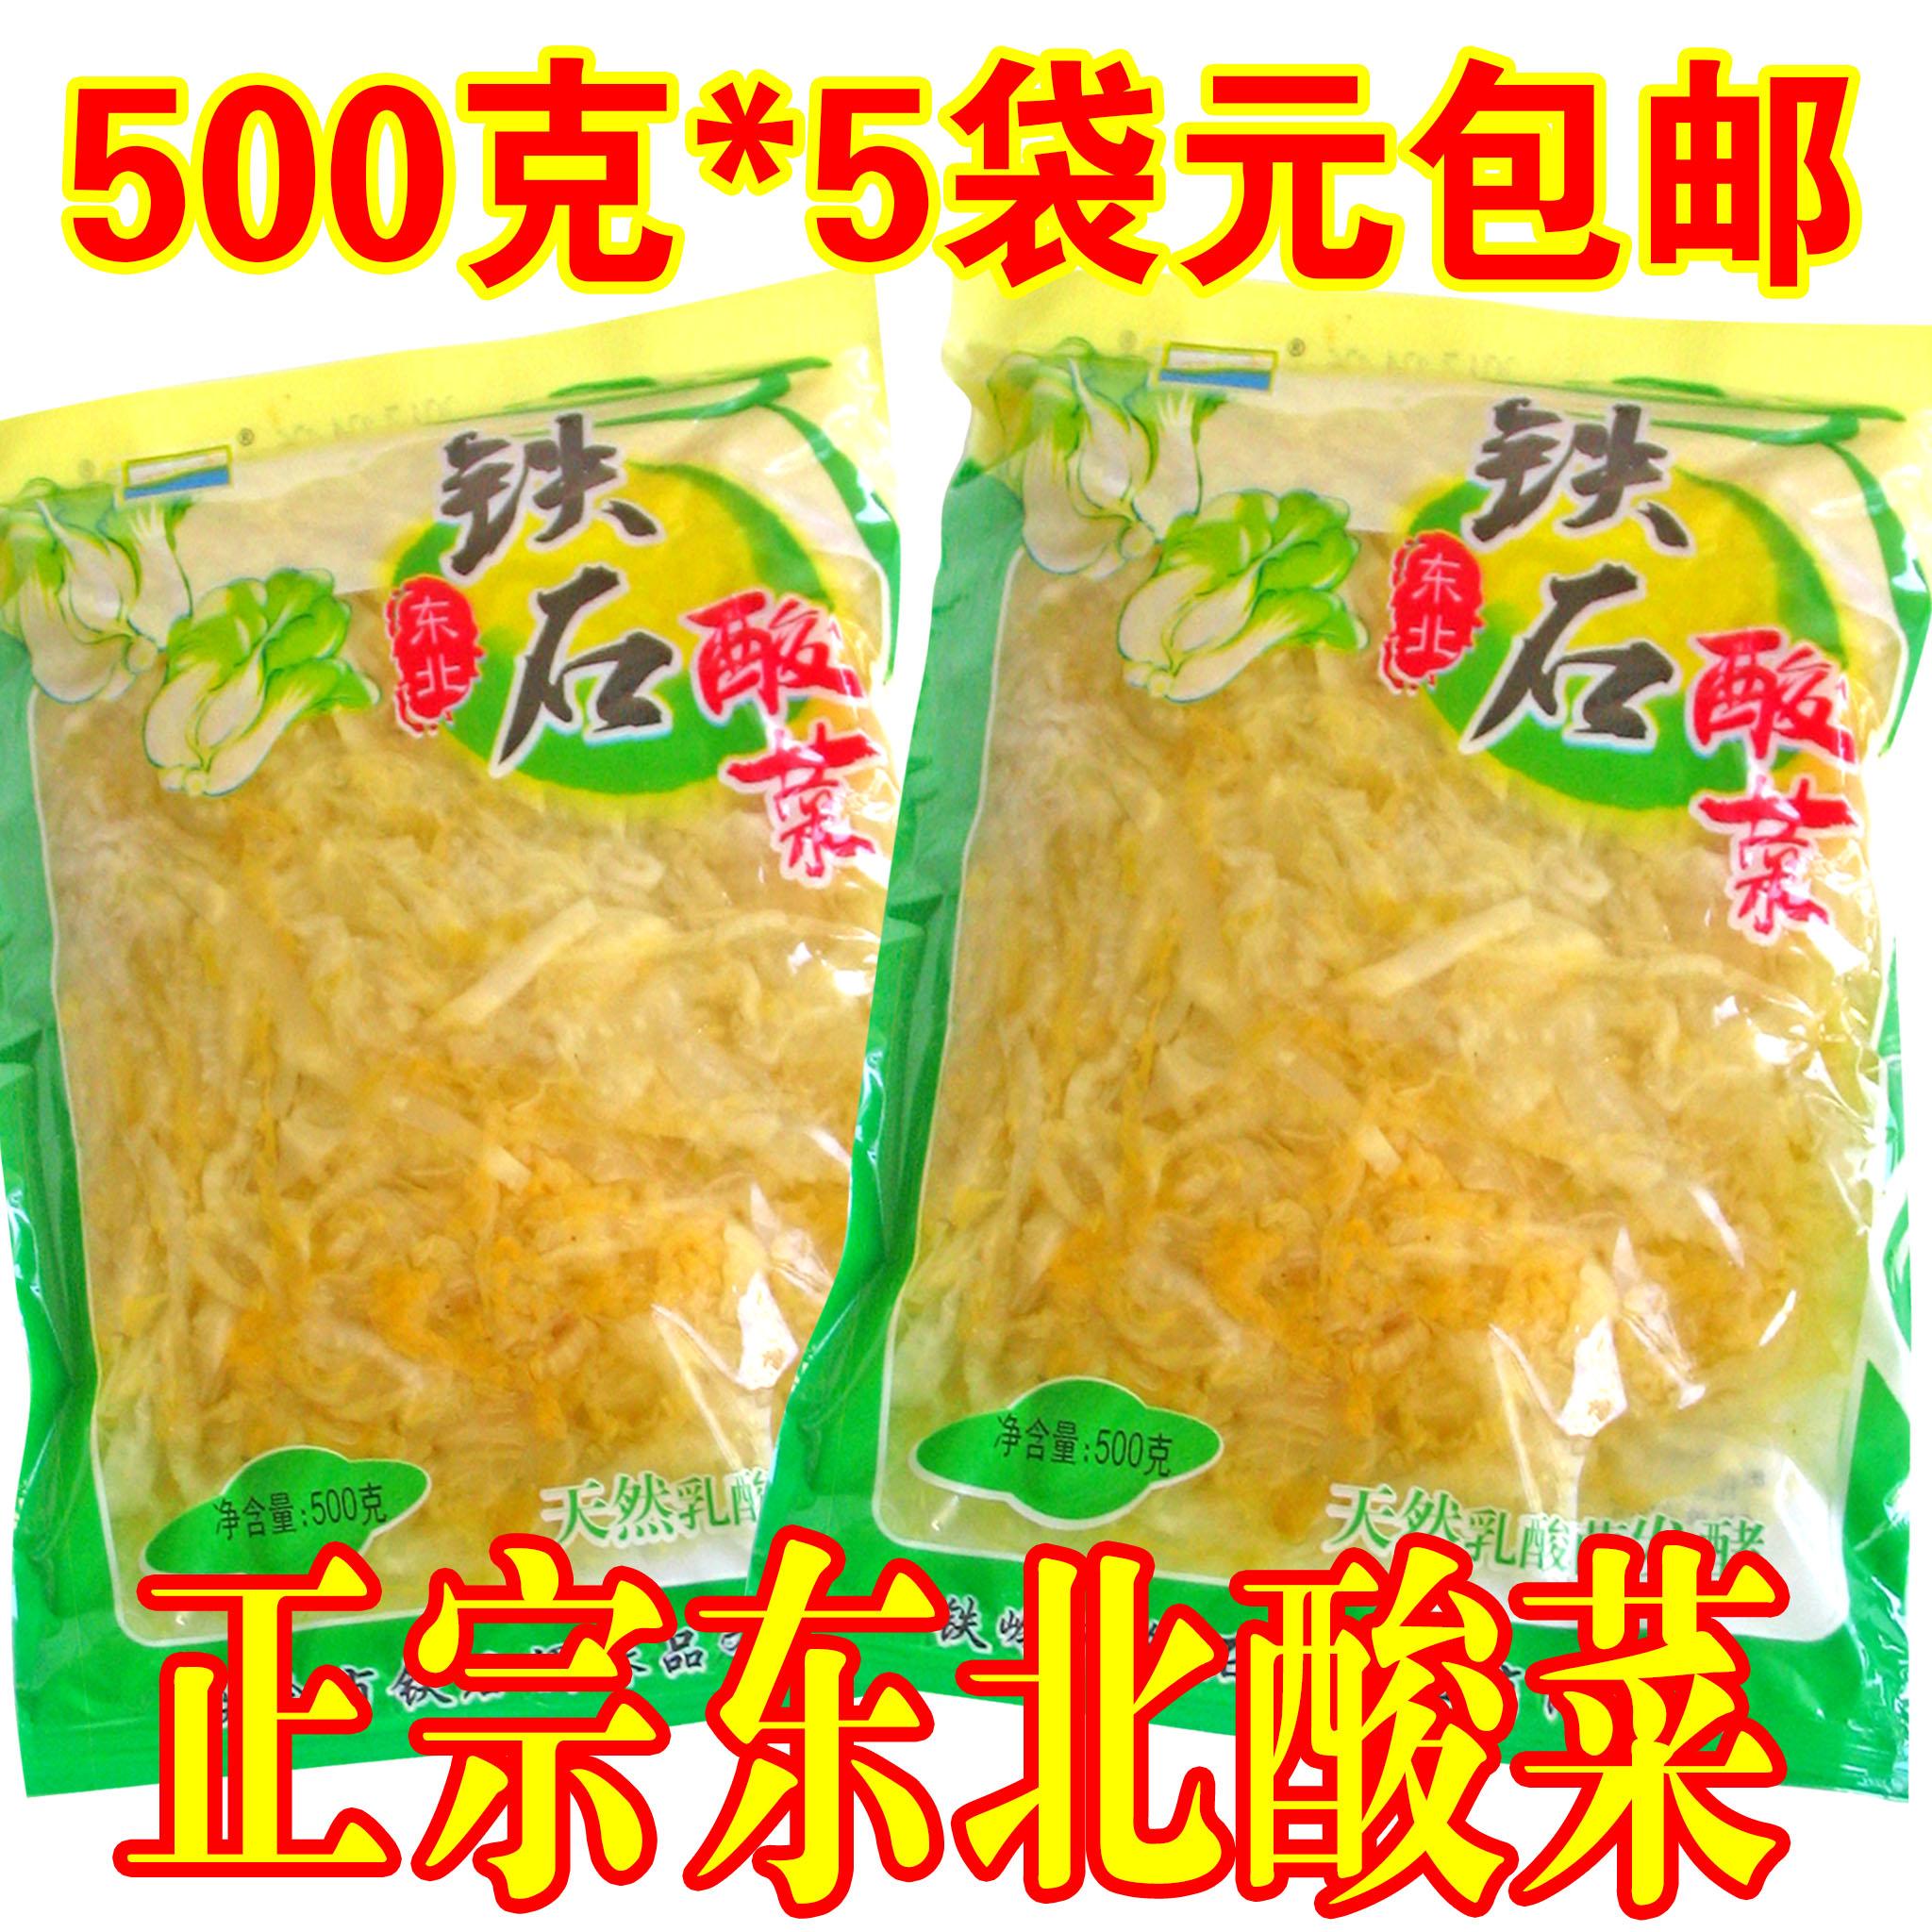 正宗东北酸菜大缸腌制铁石酸菜丝农家大白菜真空酸菜500克X5袋